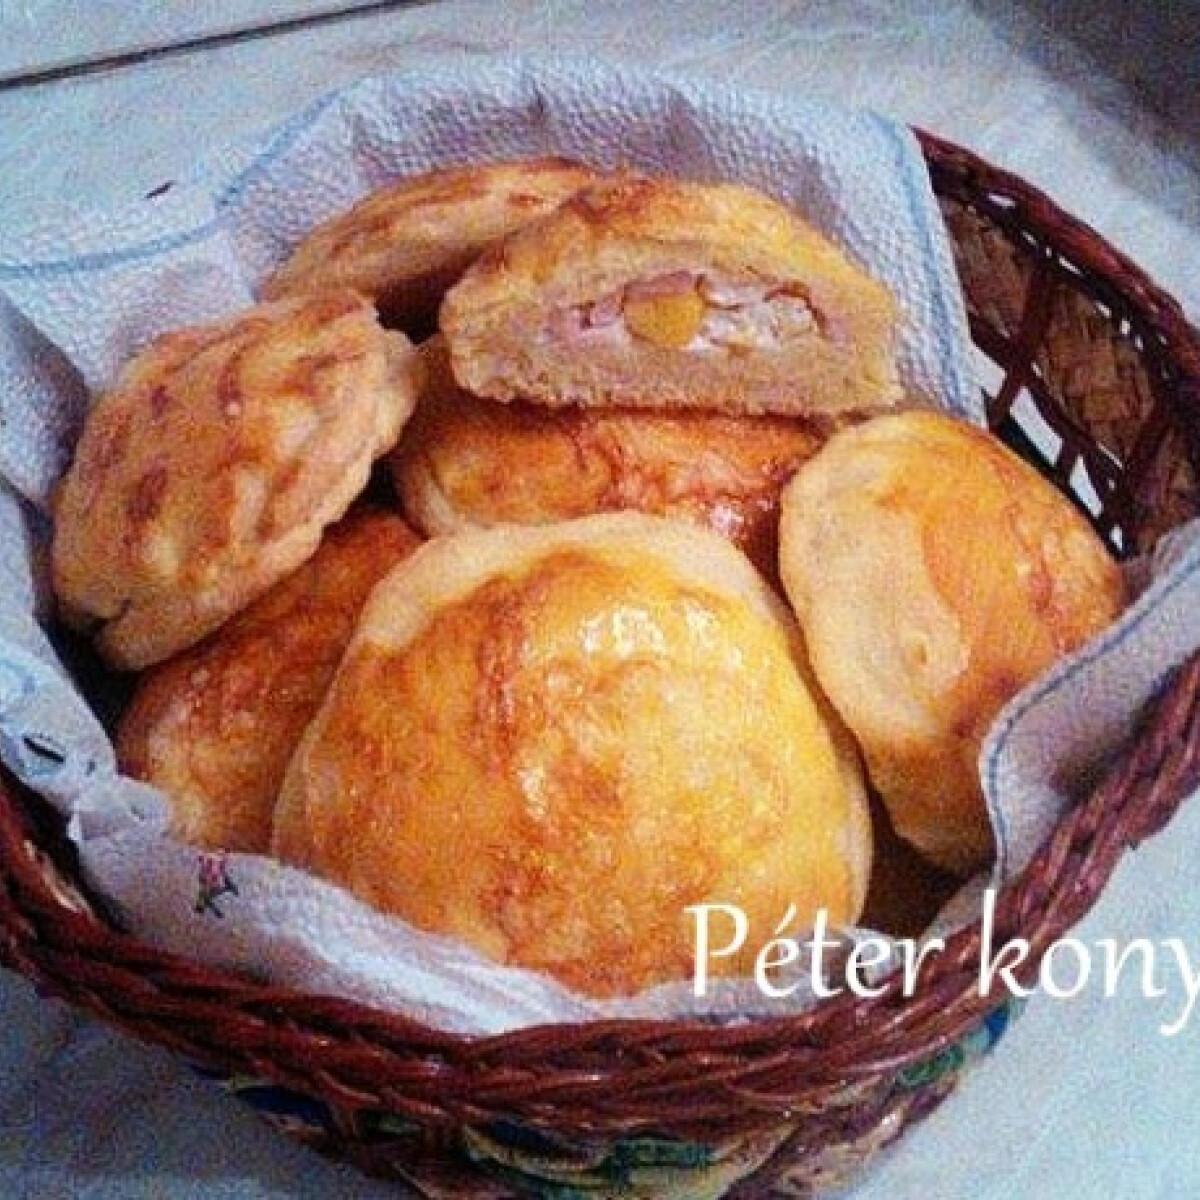 Töltött korongok Péter konyhájából